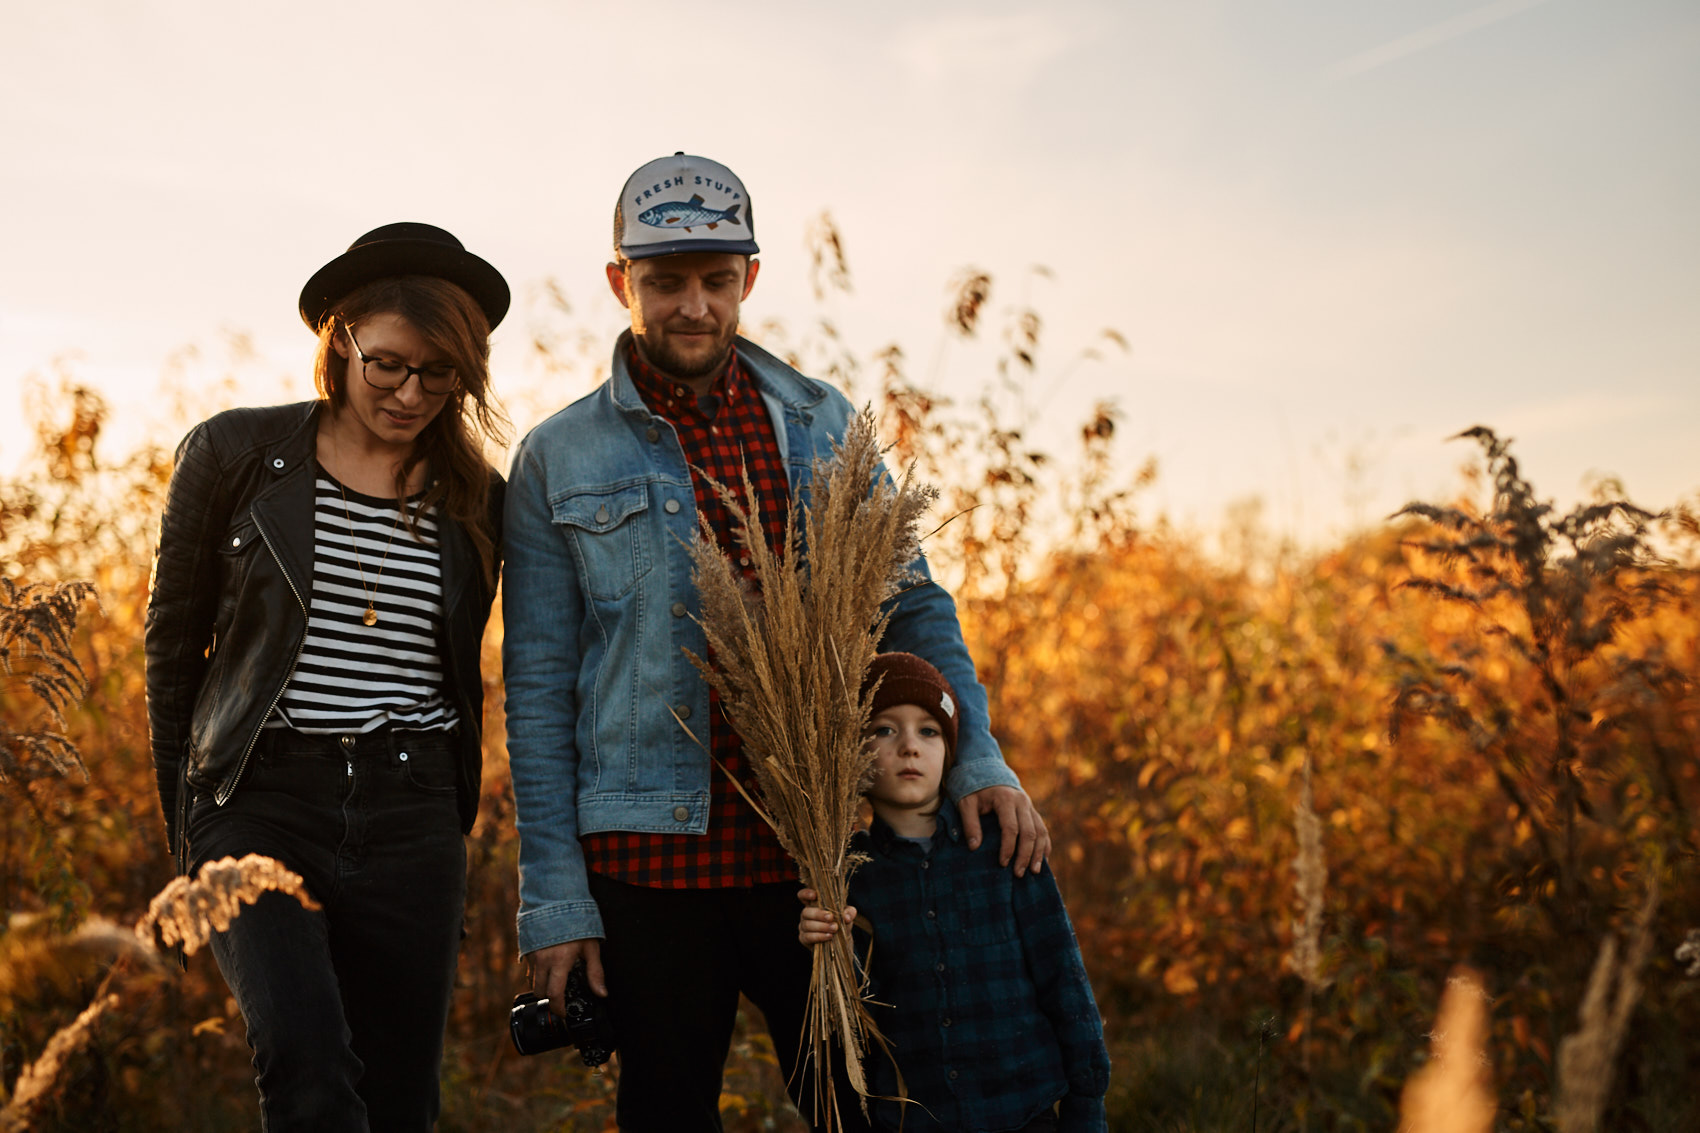 rodzinna sesja w plenerze milanowek podkowa piaseczno pruszkow